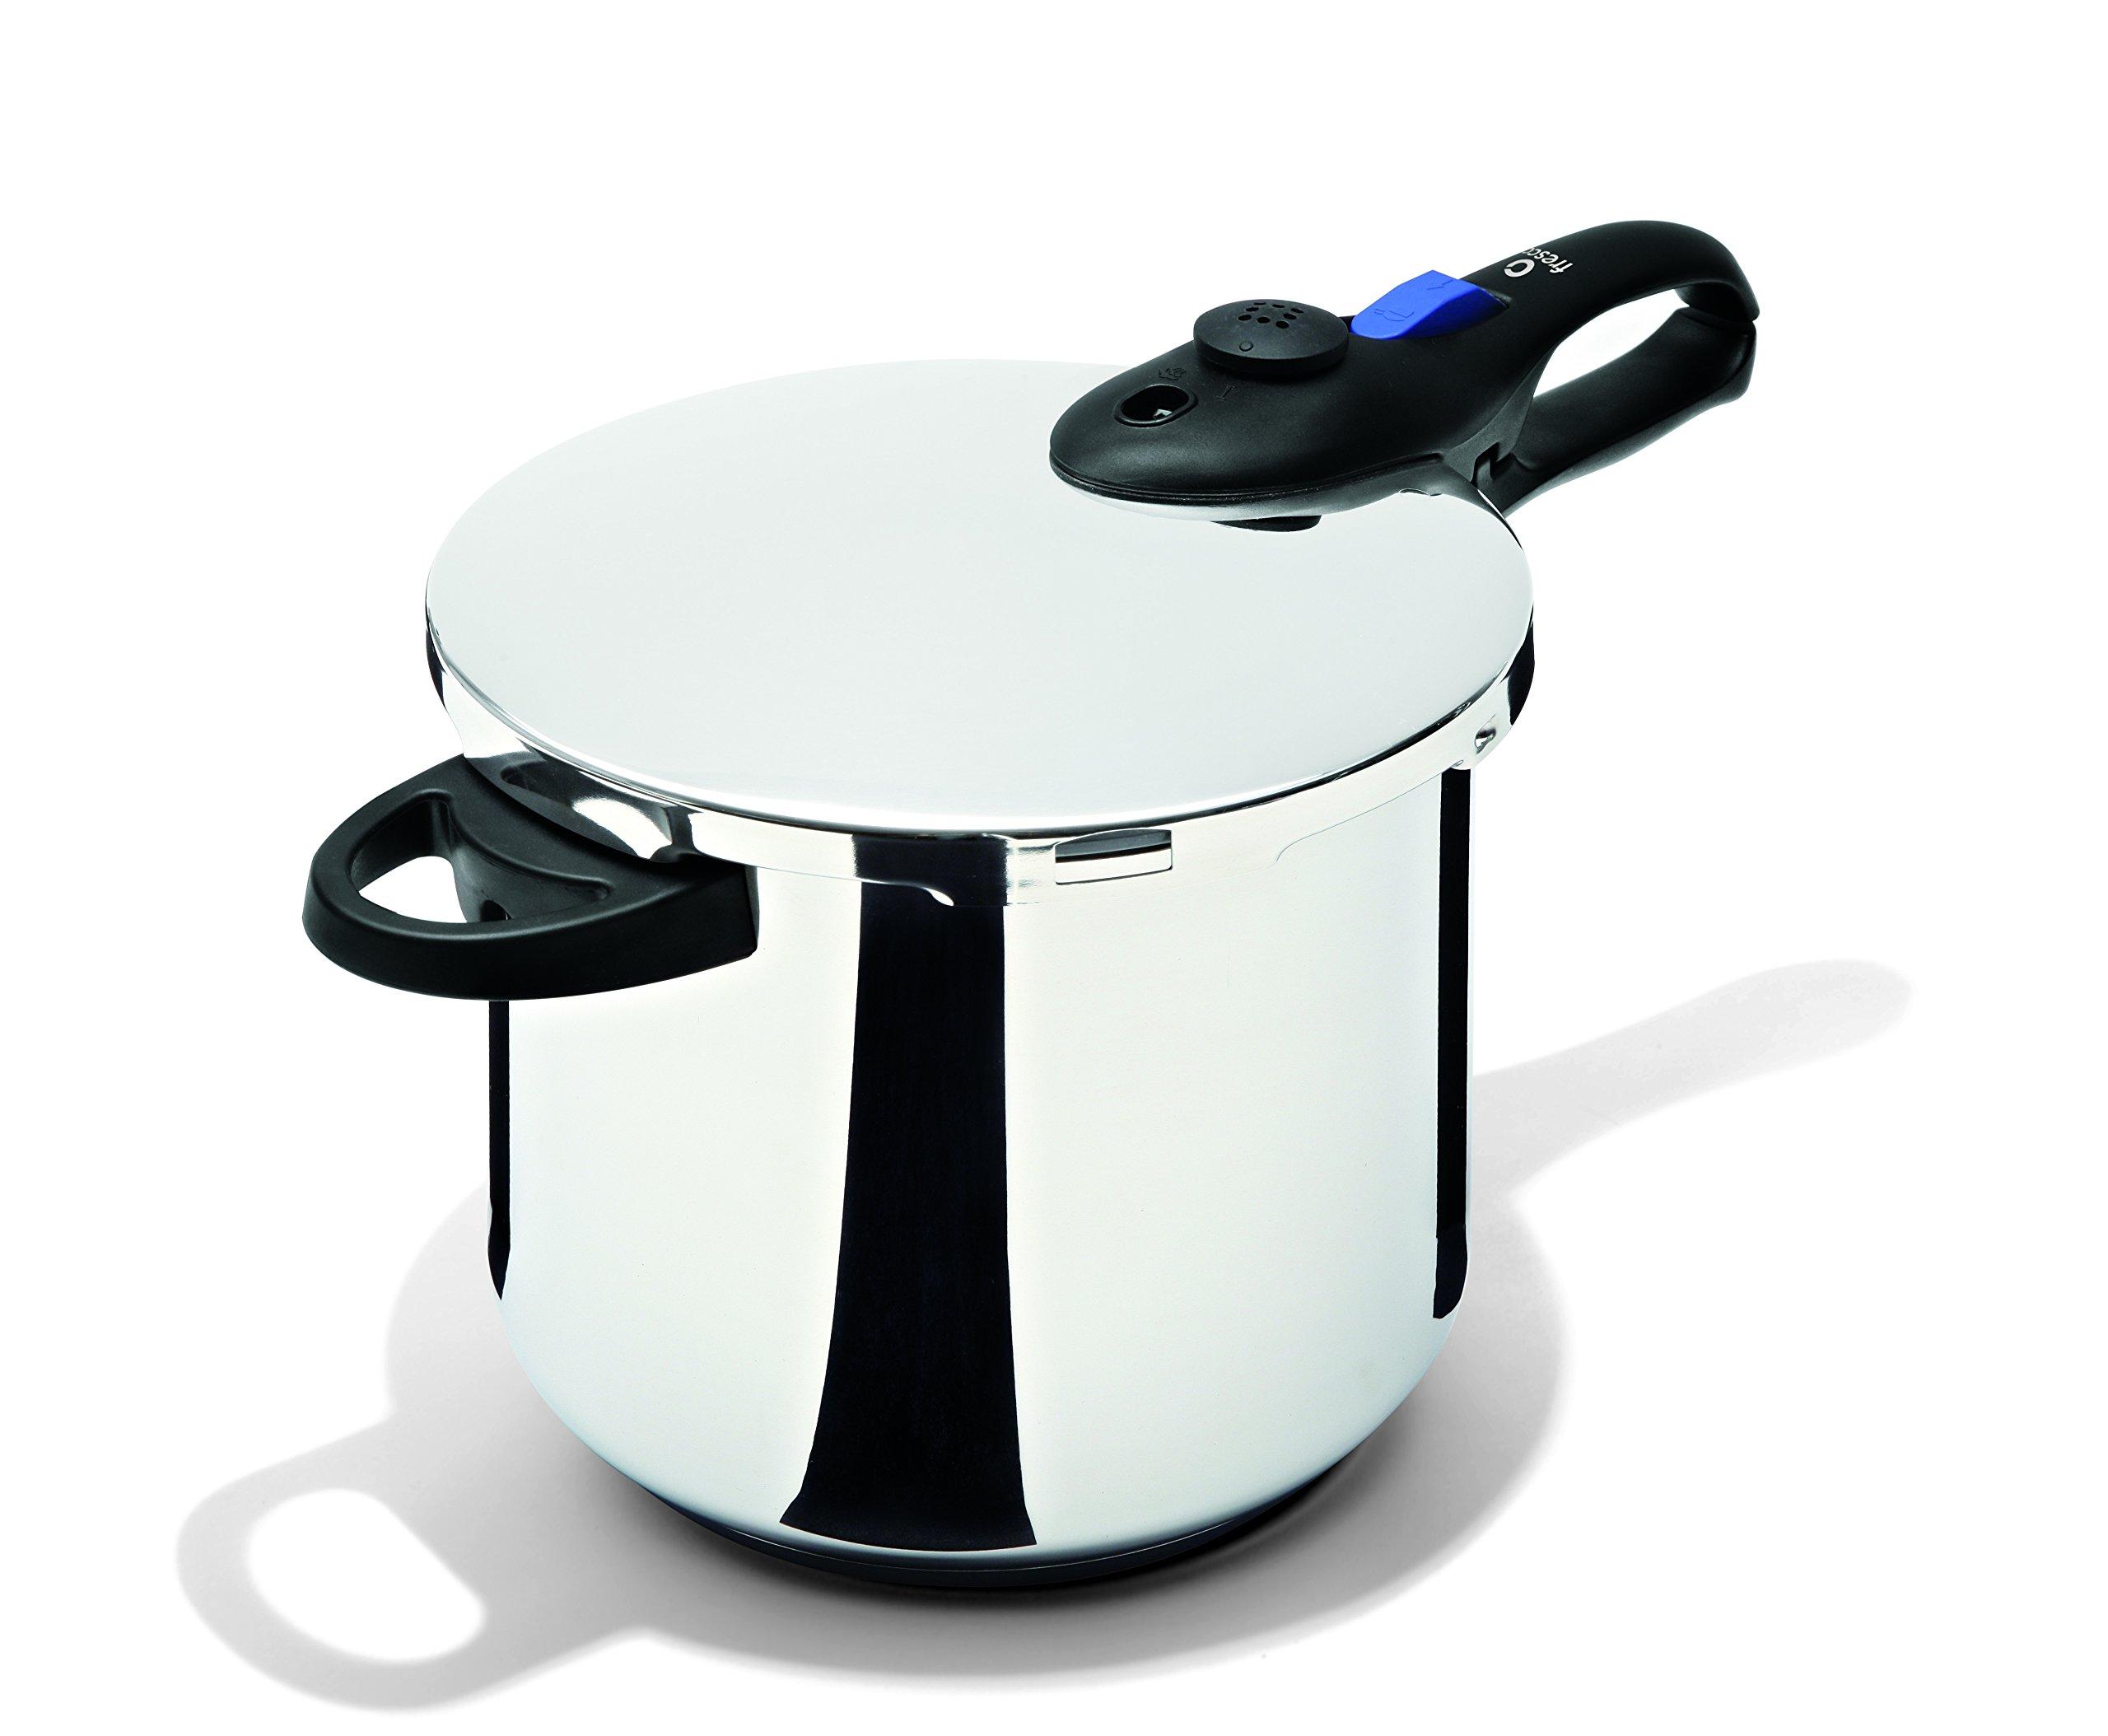 Fresco Pressure Cooker, 8 quart, Stainless Steel